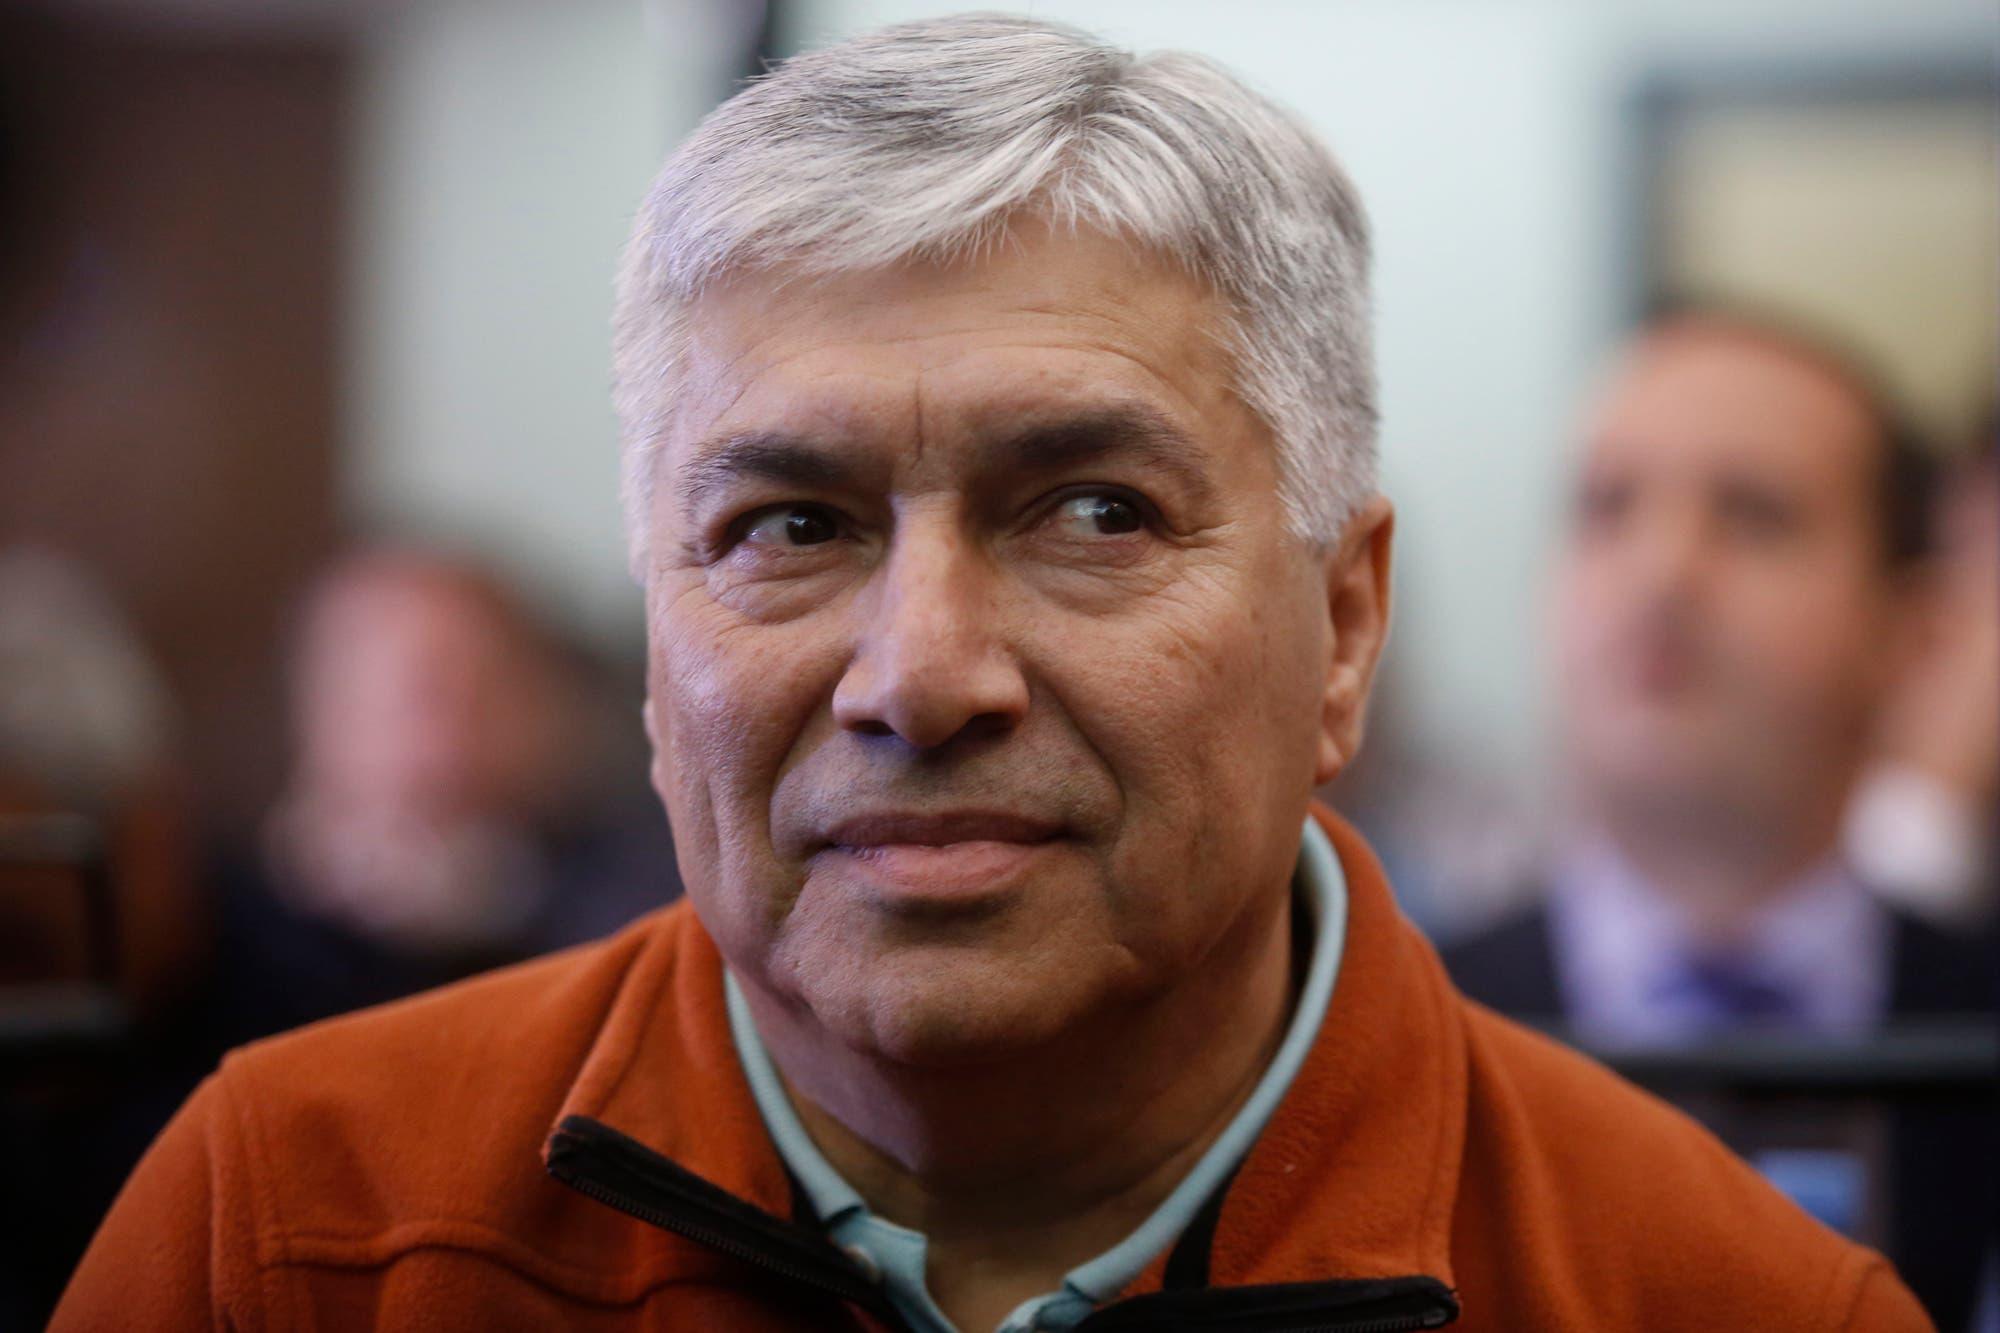 El fiscal pedirá condenas a 19 acusados en el juicio a Lázaro Báez por la obra pública